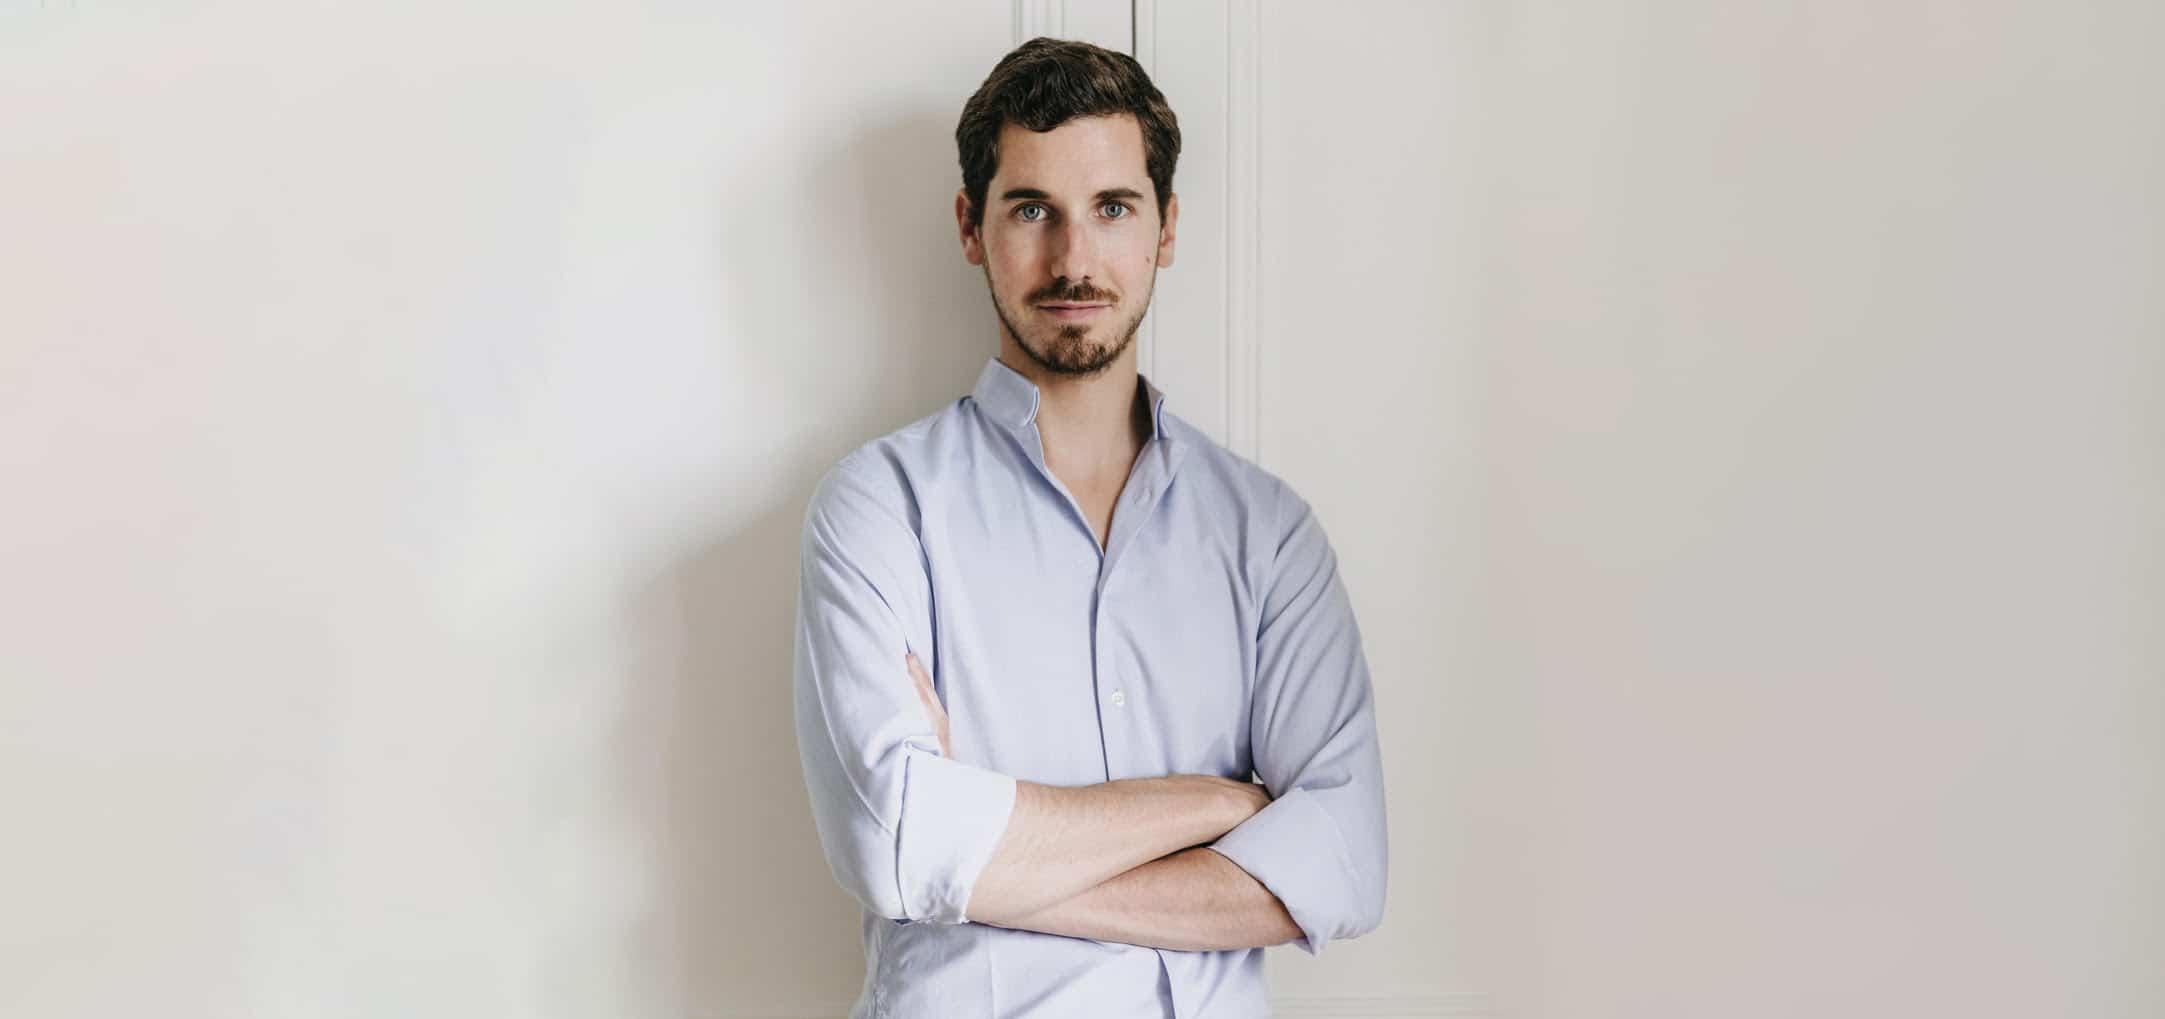 Xavier Eeckhout